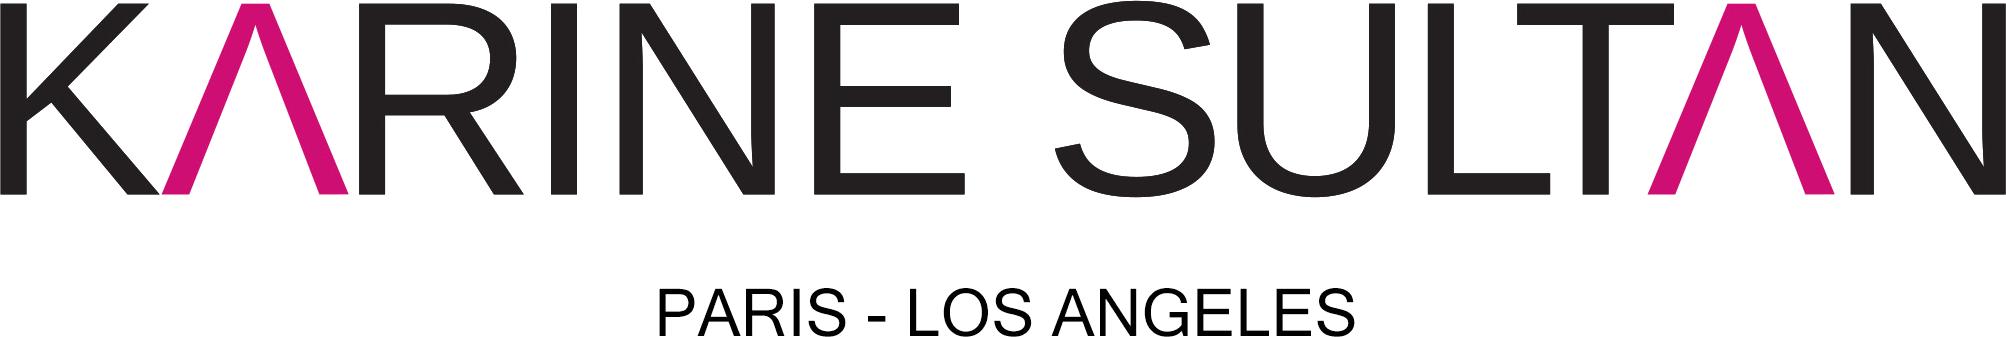 Karine Sultan Logo 2019